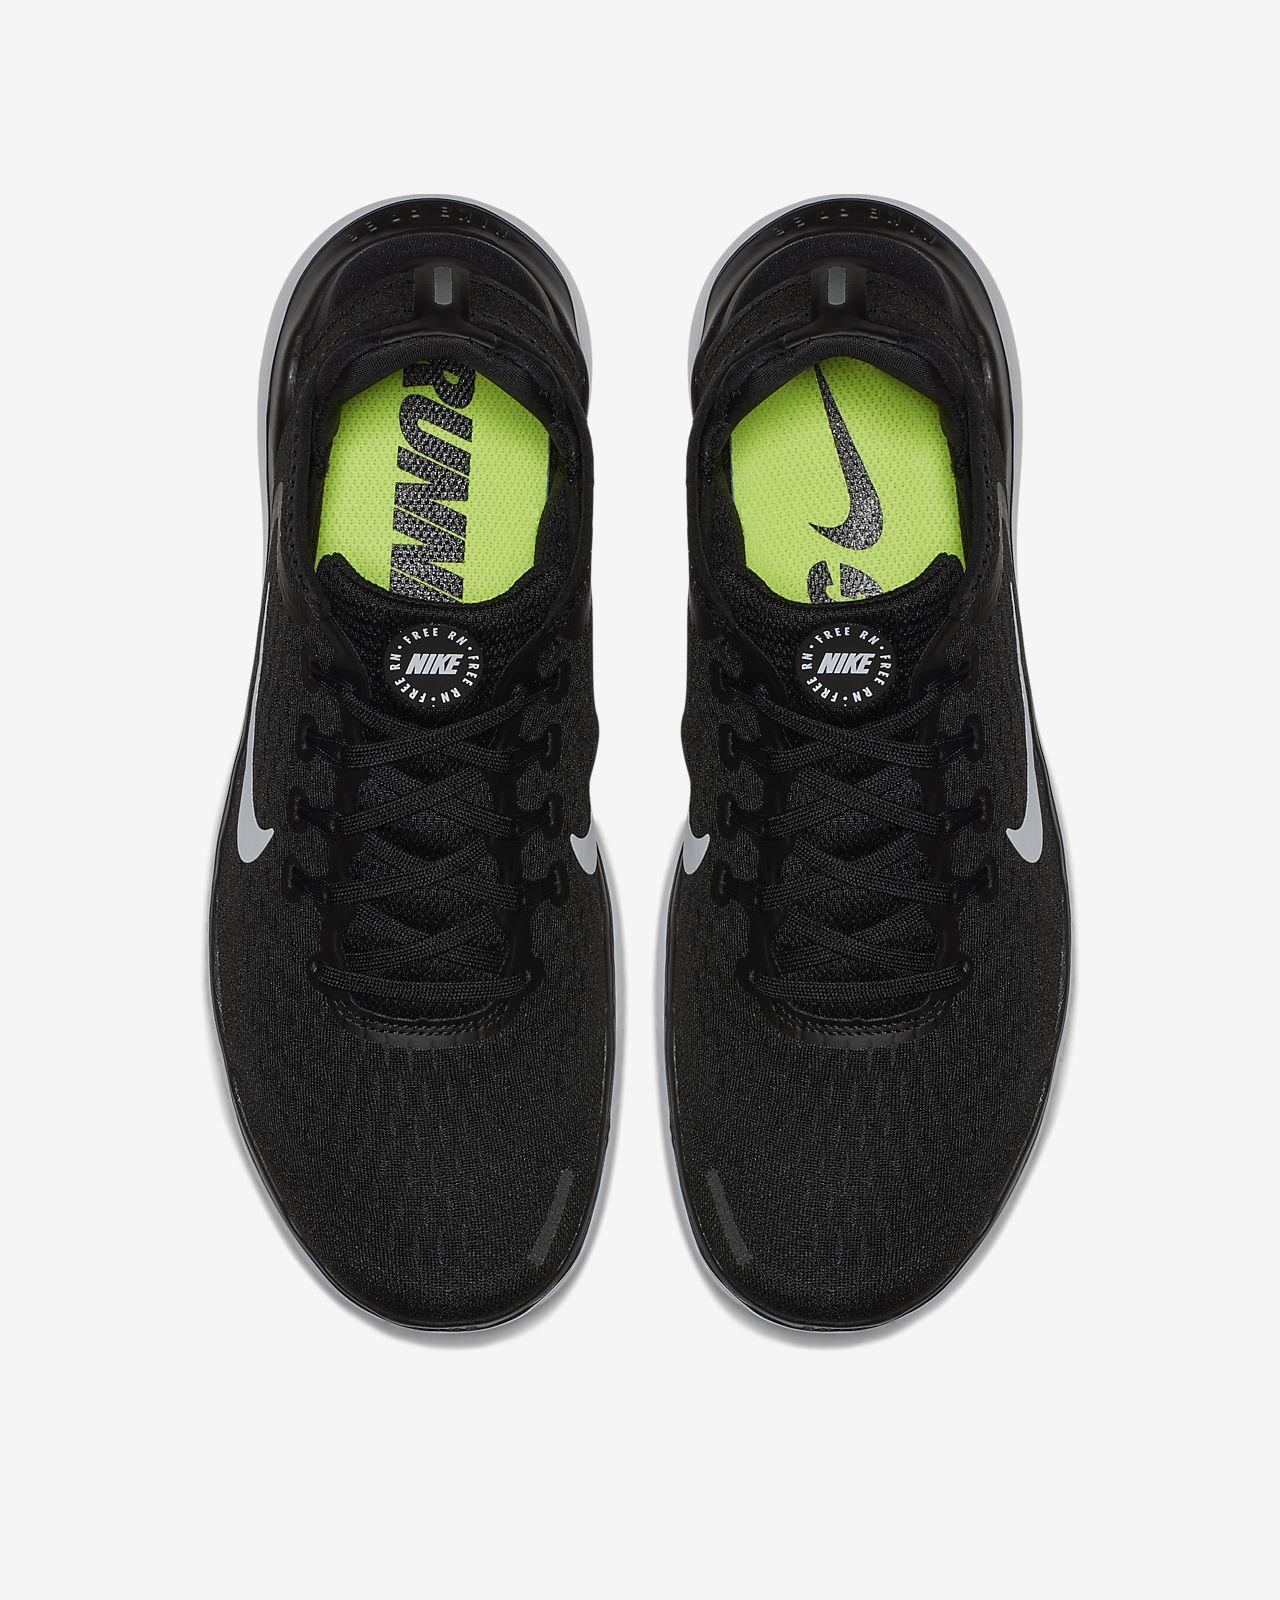 Nike Free Schuhe Waschmaschine sofortrente vergleich sofort